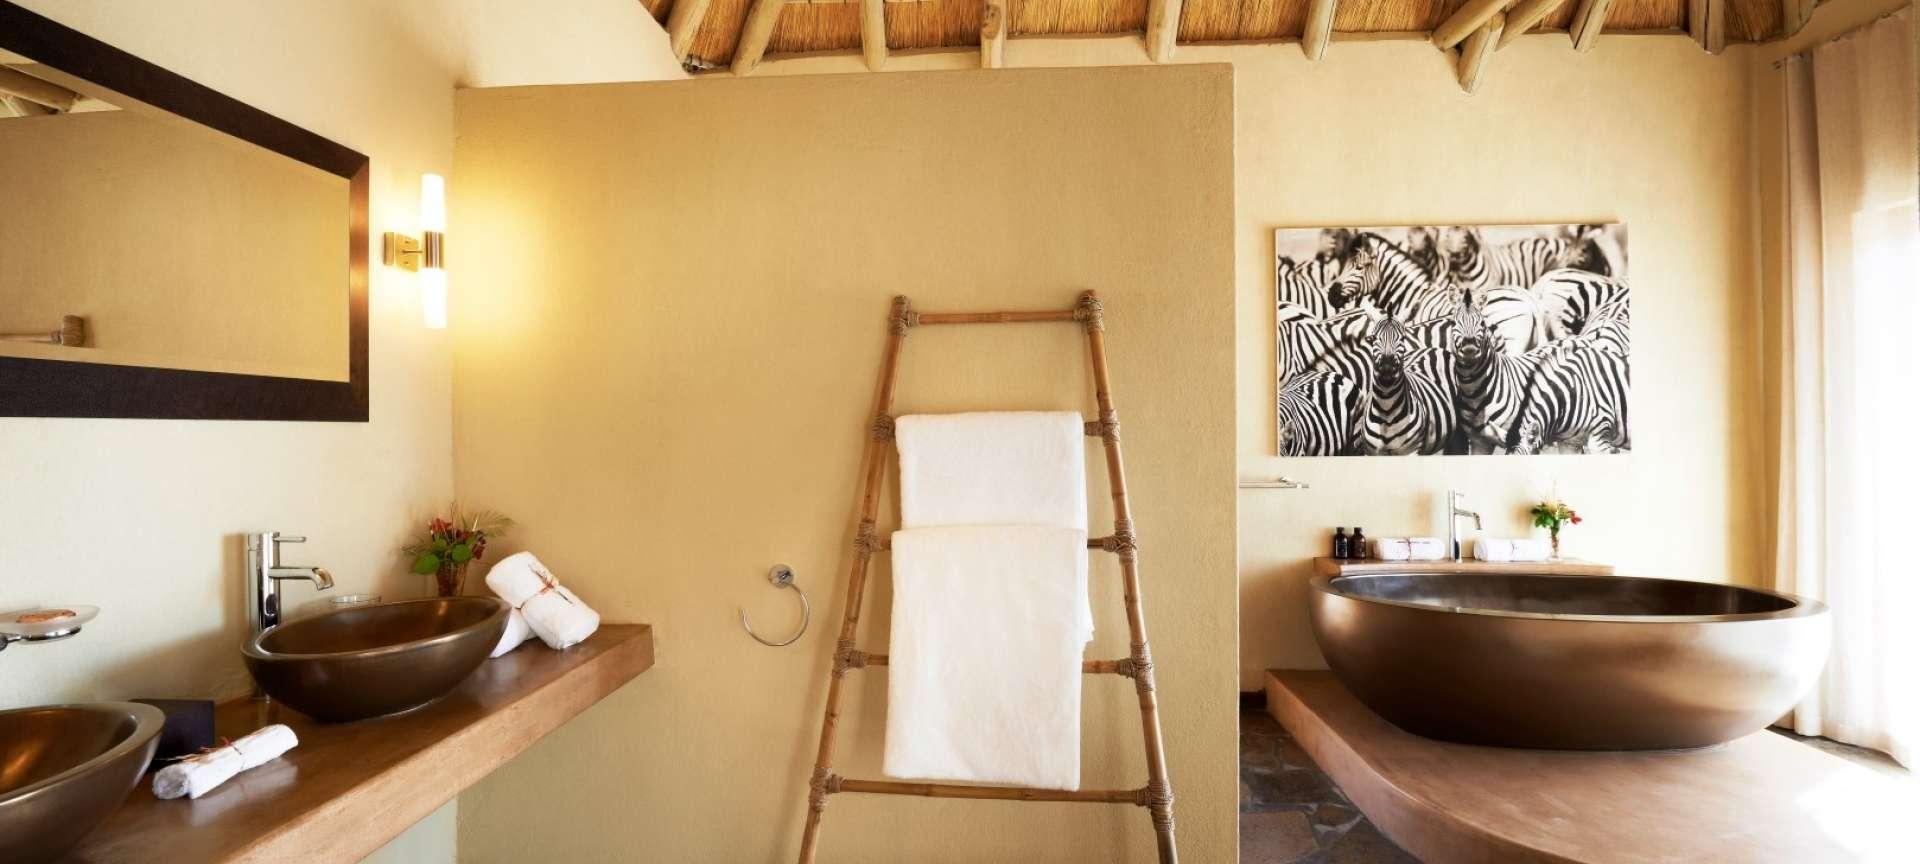 Sandfontein Luxury